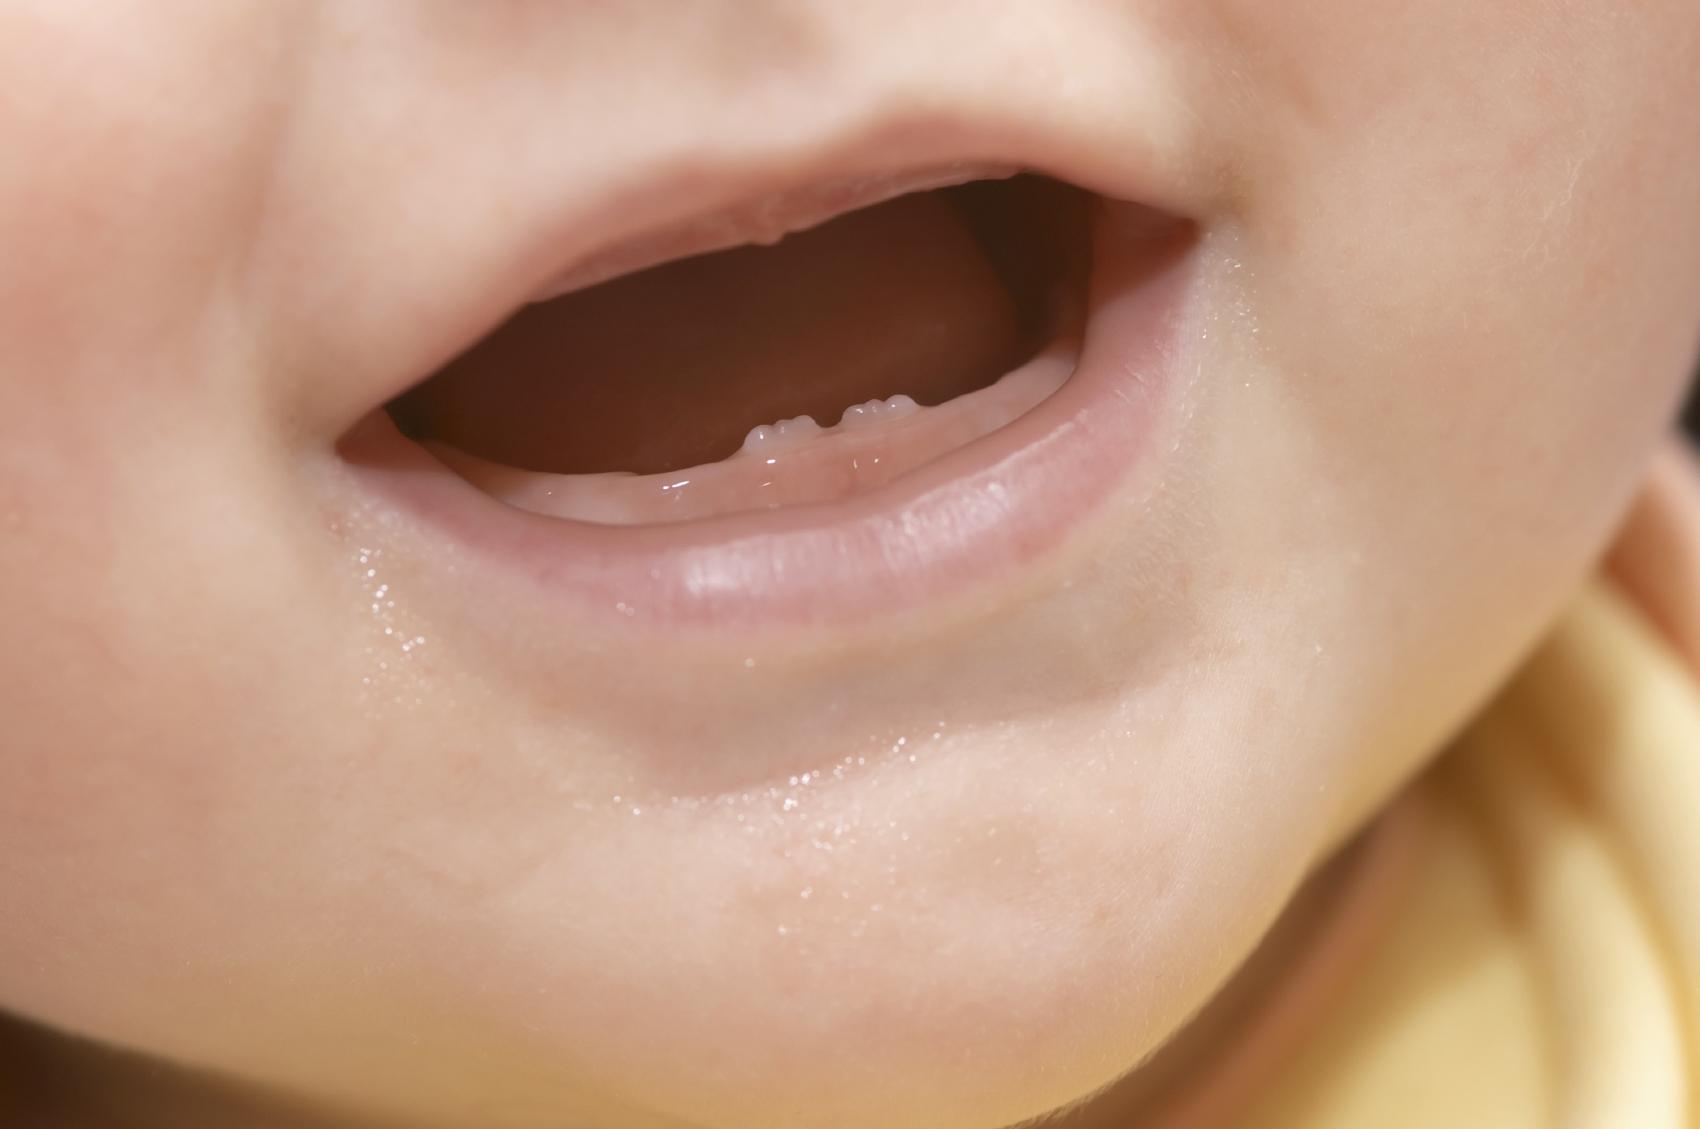 Calendario de erupción de los dientes de leches